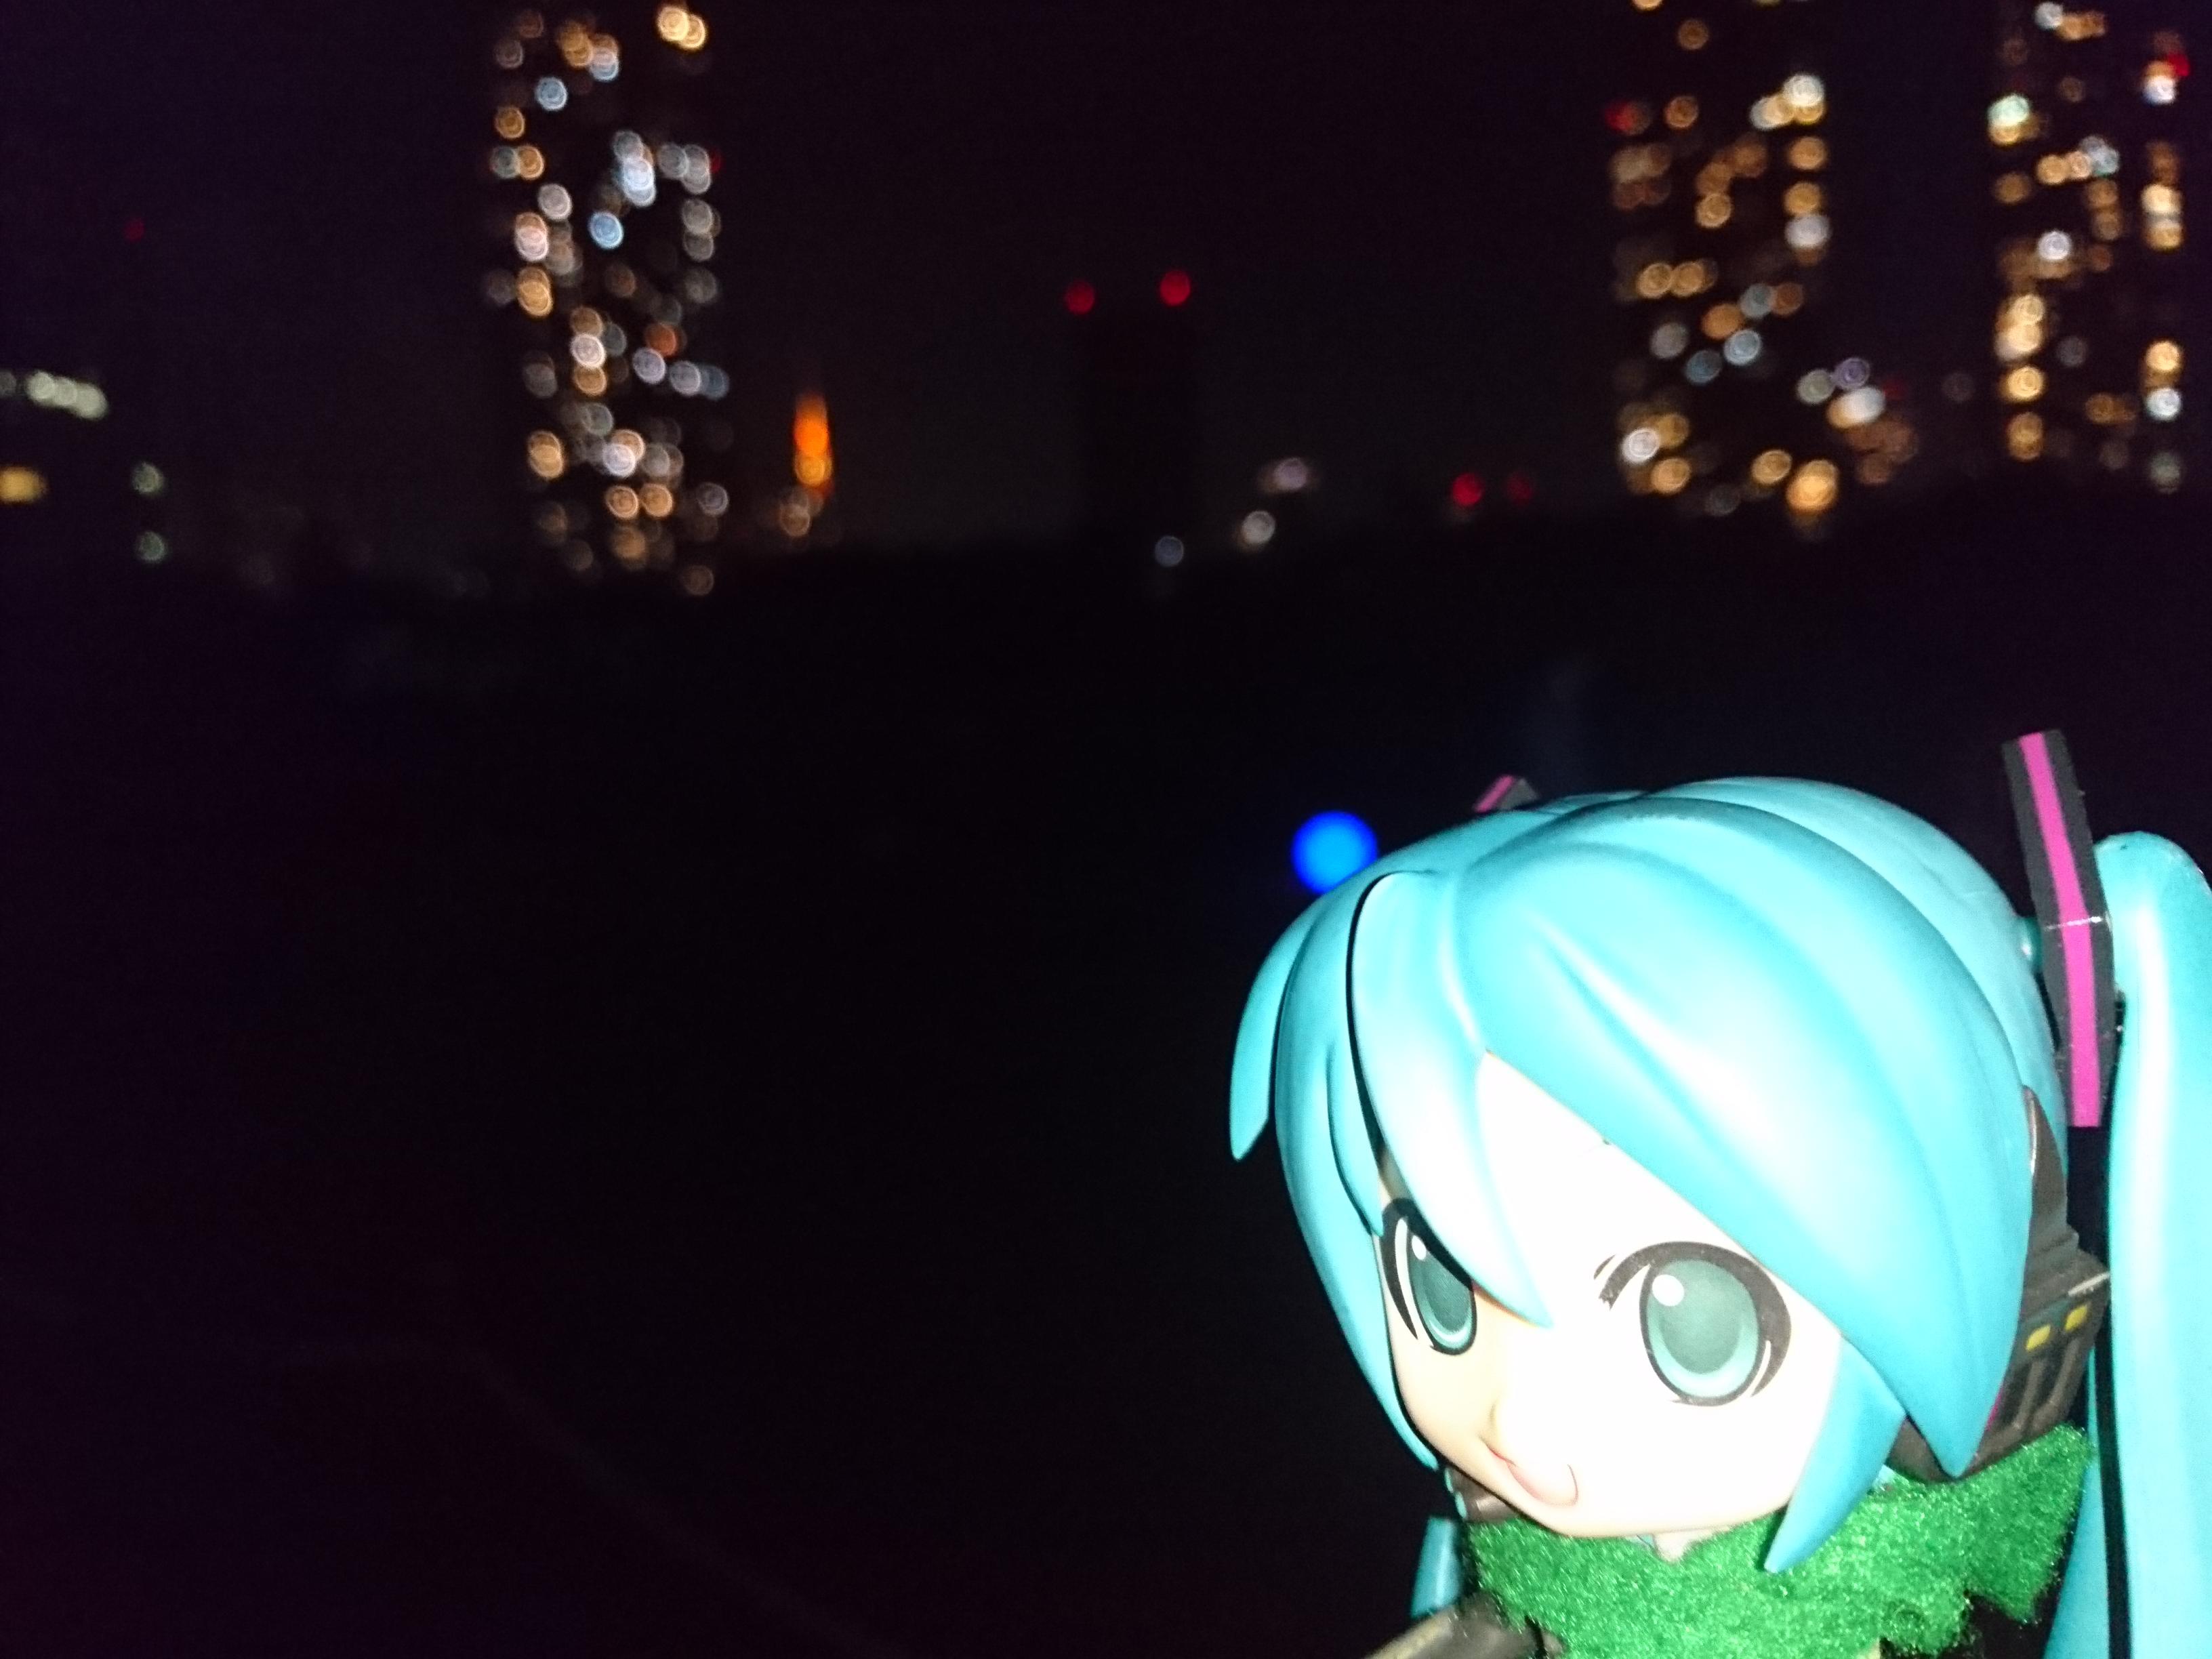 浜離宮東京150年ミクさん祭。